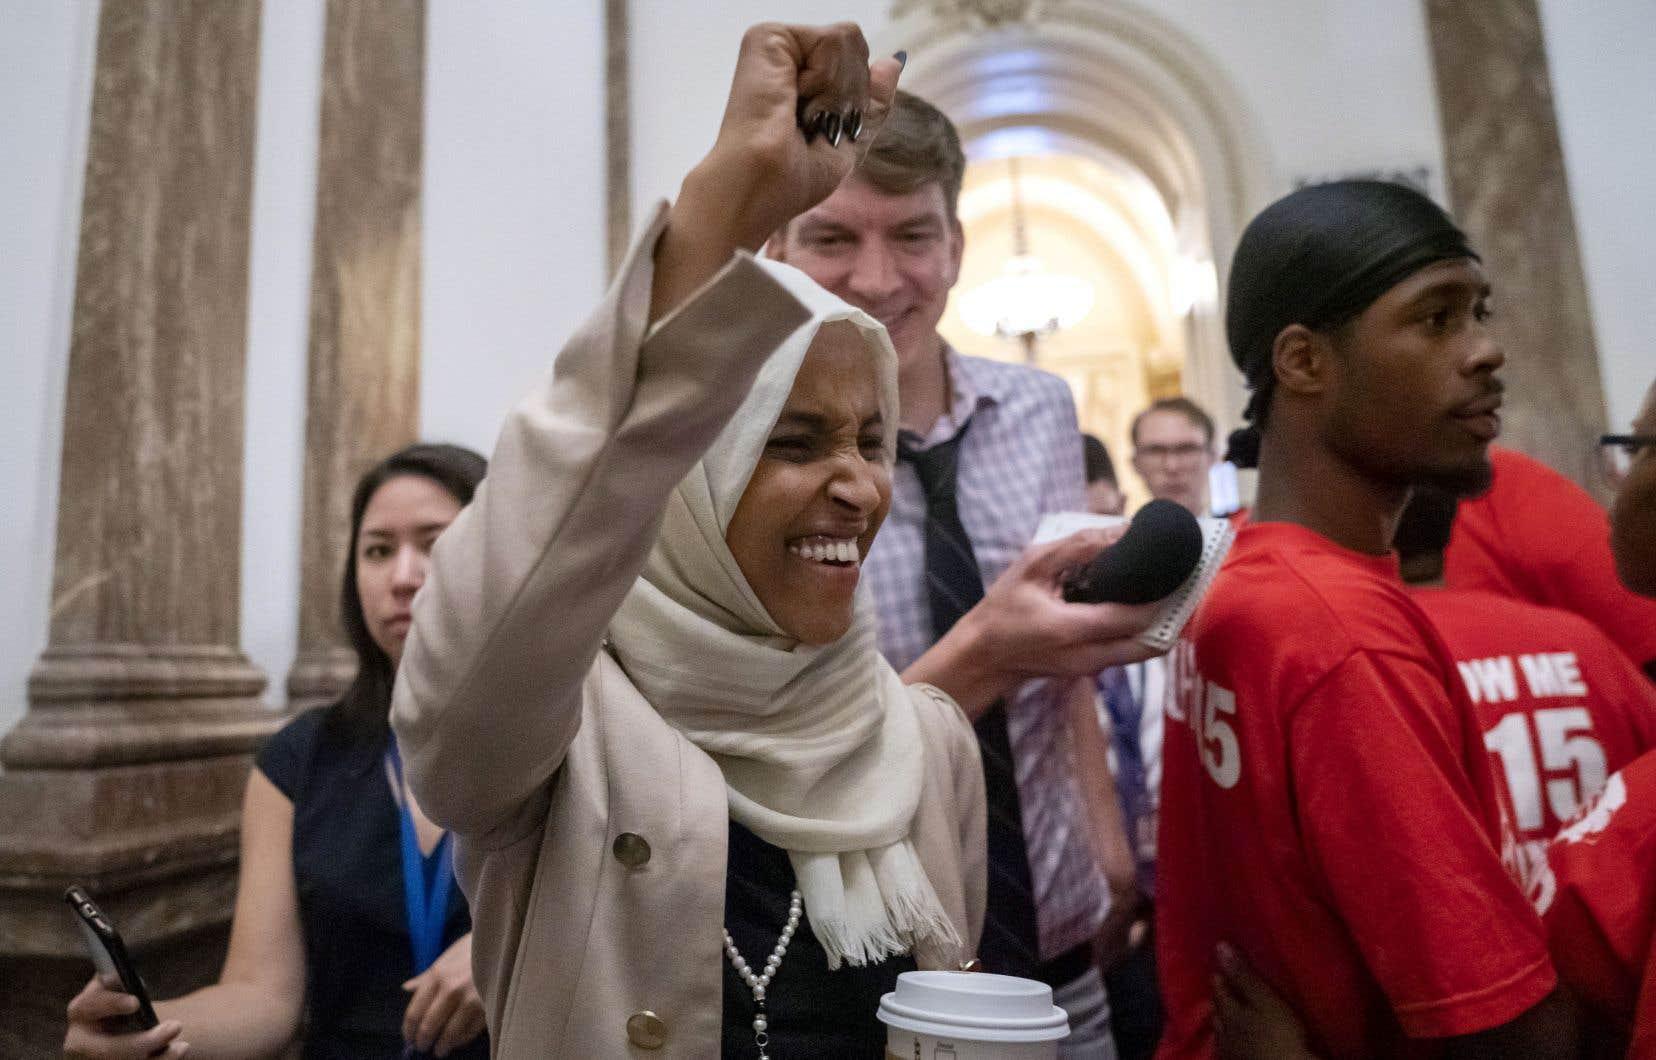 Cible d'attaques de Donald Trump, la démocrate Ilhan Omar a reçu des encouragements de visiteurs au Capitole à Washington, jeudi.